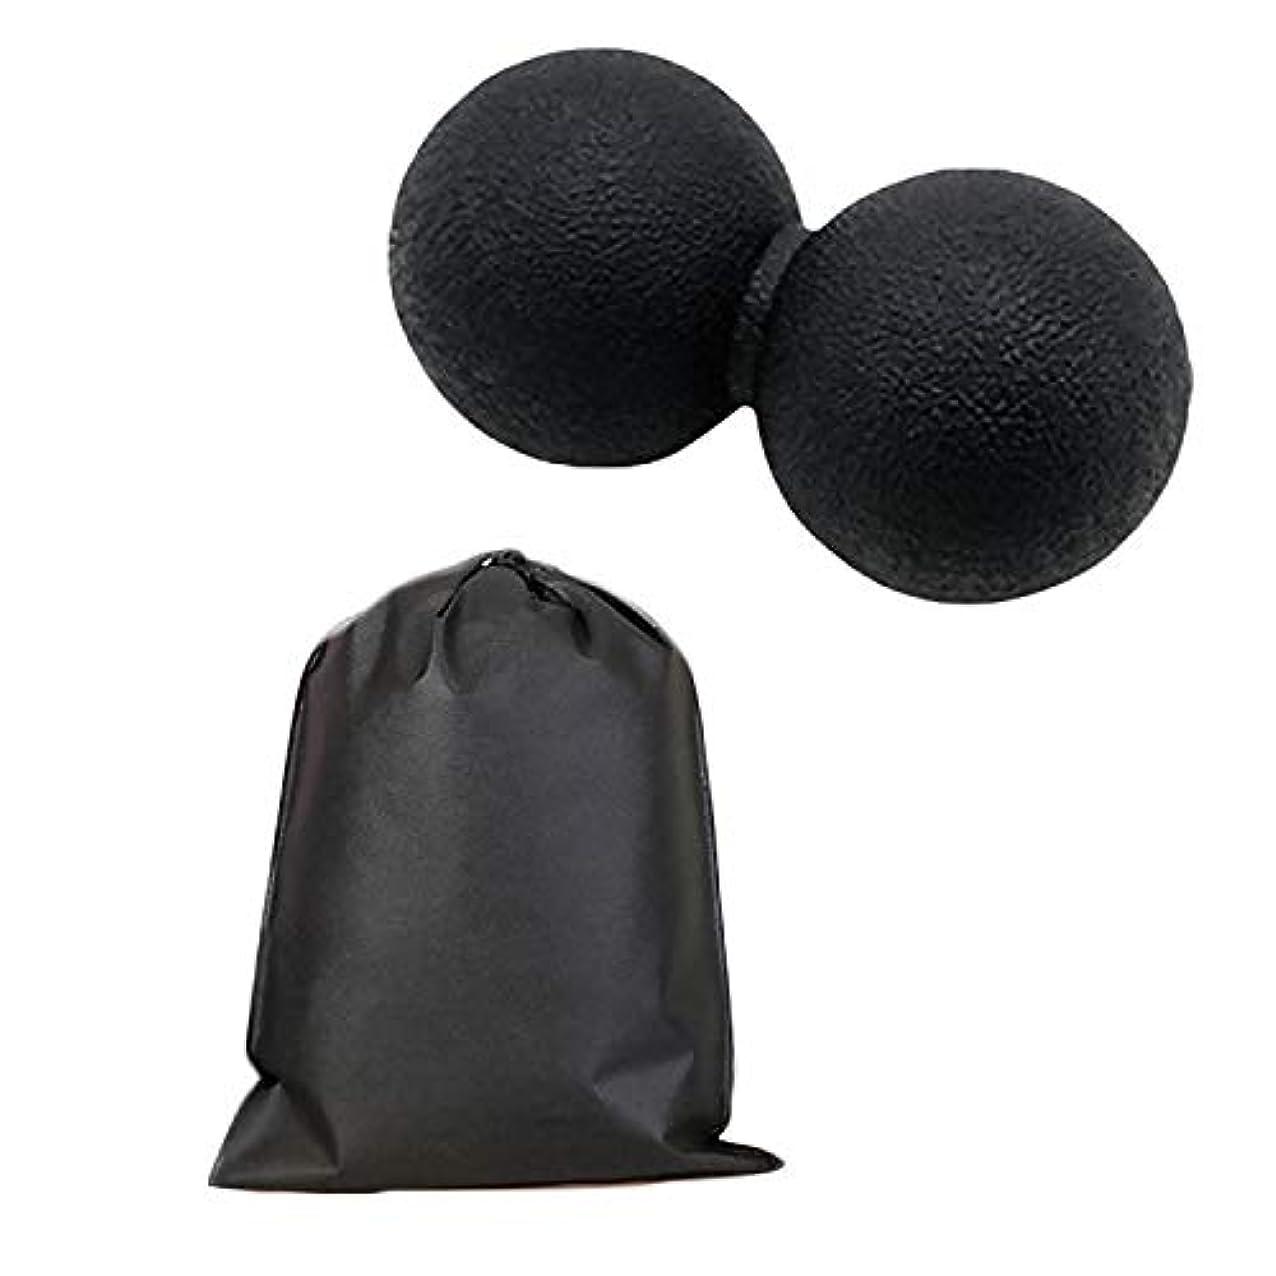 によって人類母音Migavan マッサージボールローラーバックマッサージボール収納袋が付いているピーナツマッサージのローラーボールのマッサージャー